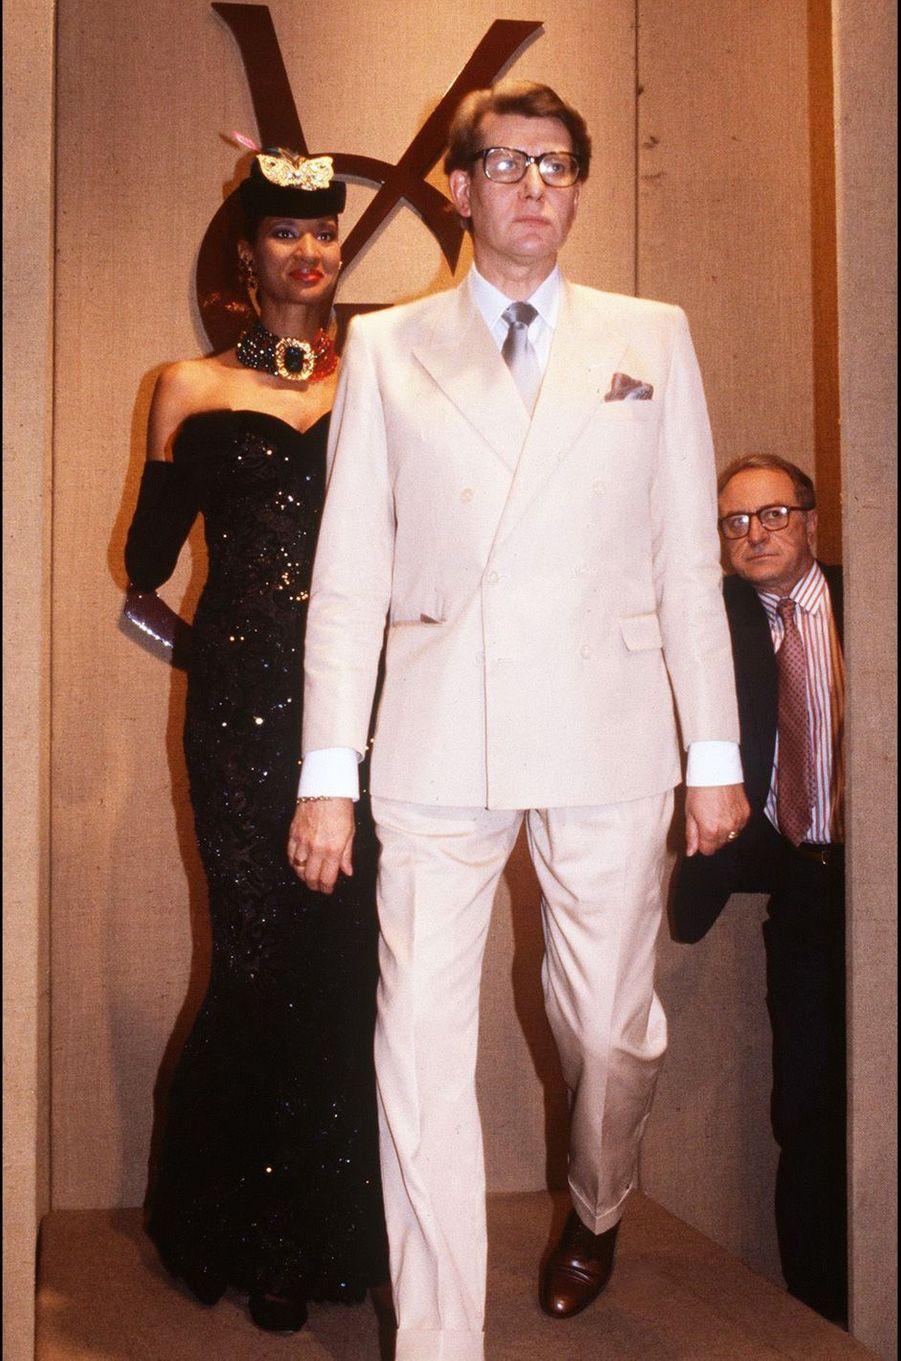 Au fond, à droite, Pierre Bergé veille sur Yves Saint Laurent qui fait son entrée pour saluer le public à l'issue du défilé, en juillet 1984, de présentation de sa collection haute-couture automne-hiver 1984-1985.